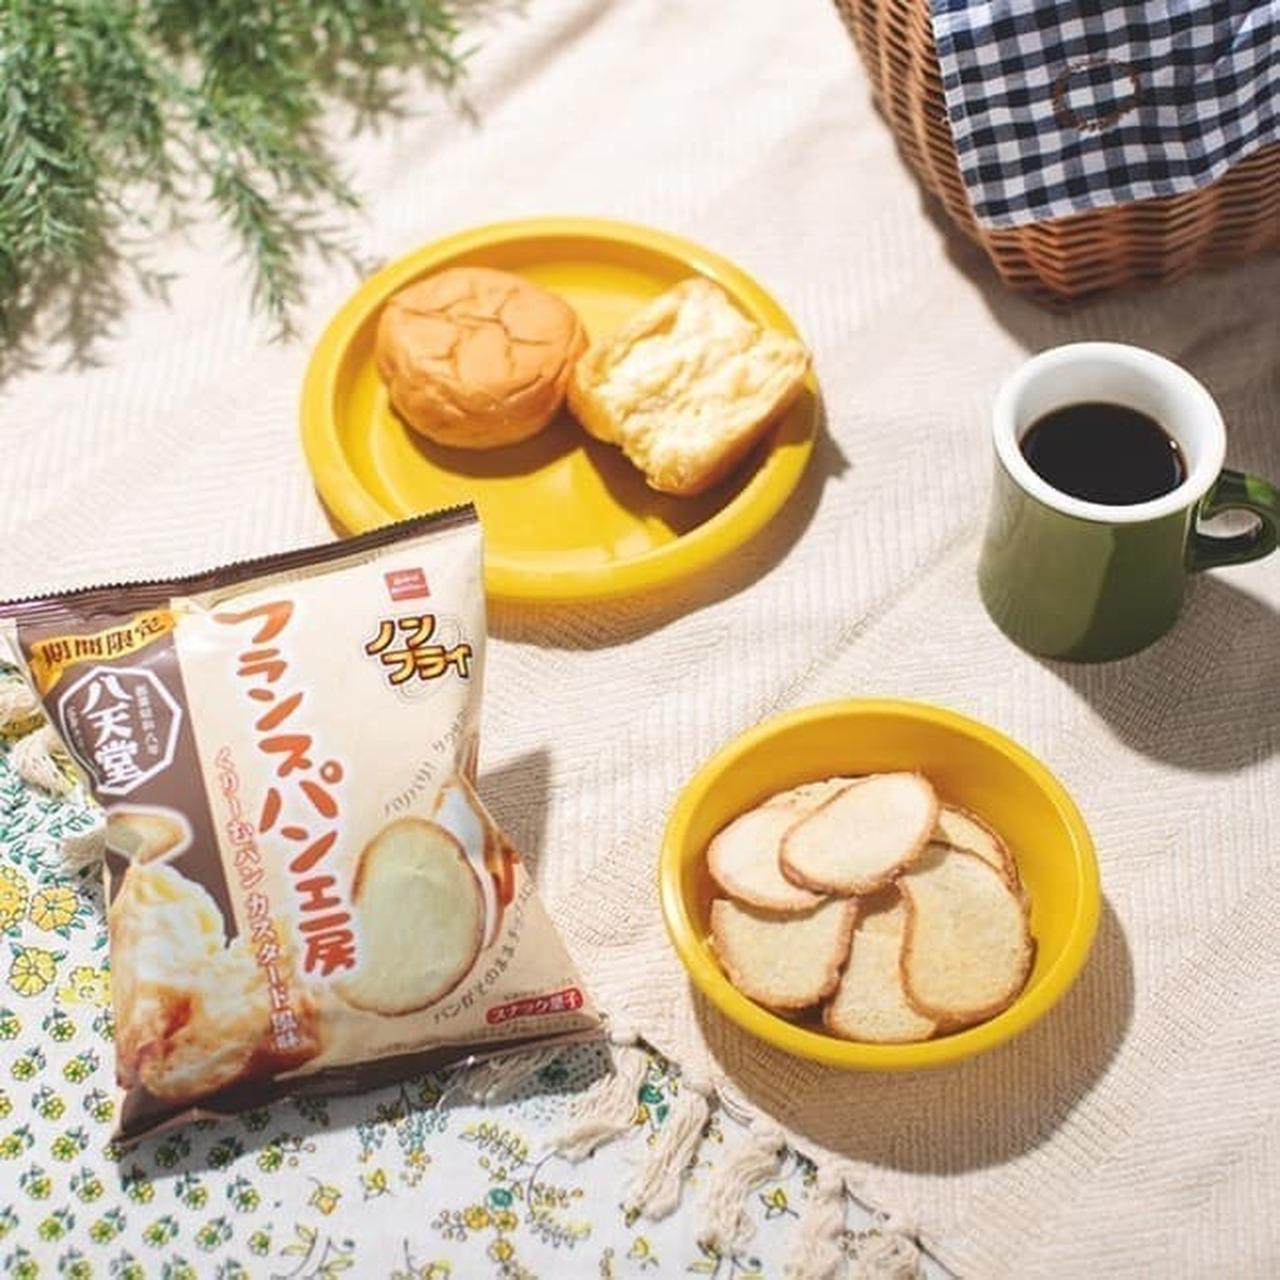 おやつカンパニー「フランスパン工房(八天堂監修 くりーむパン カスタード風味)」